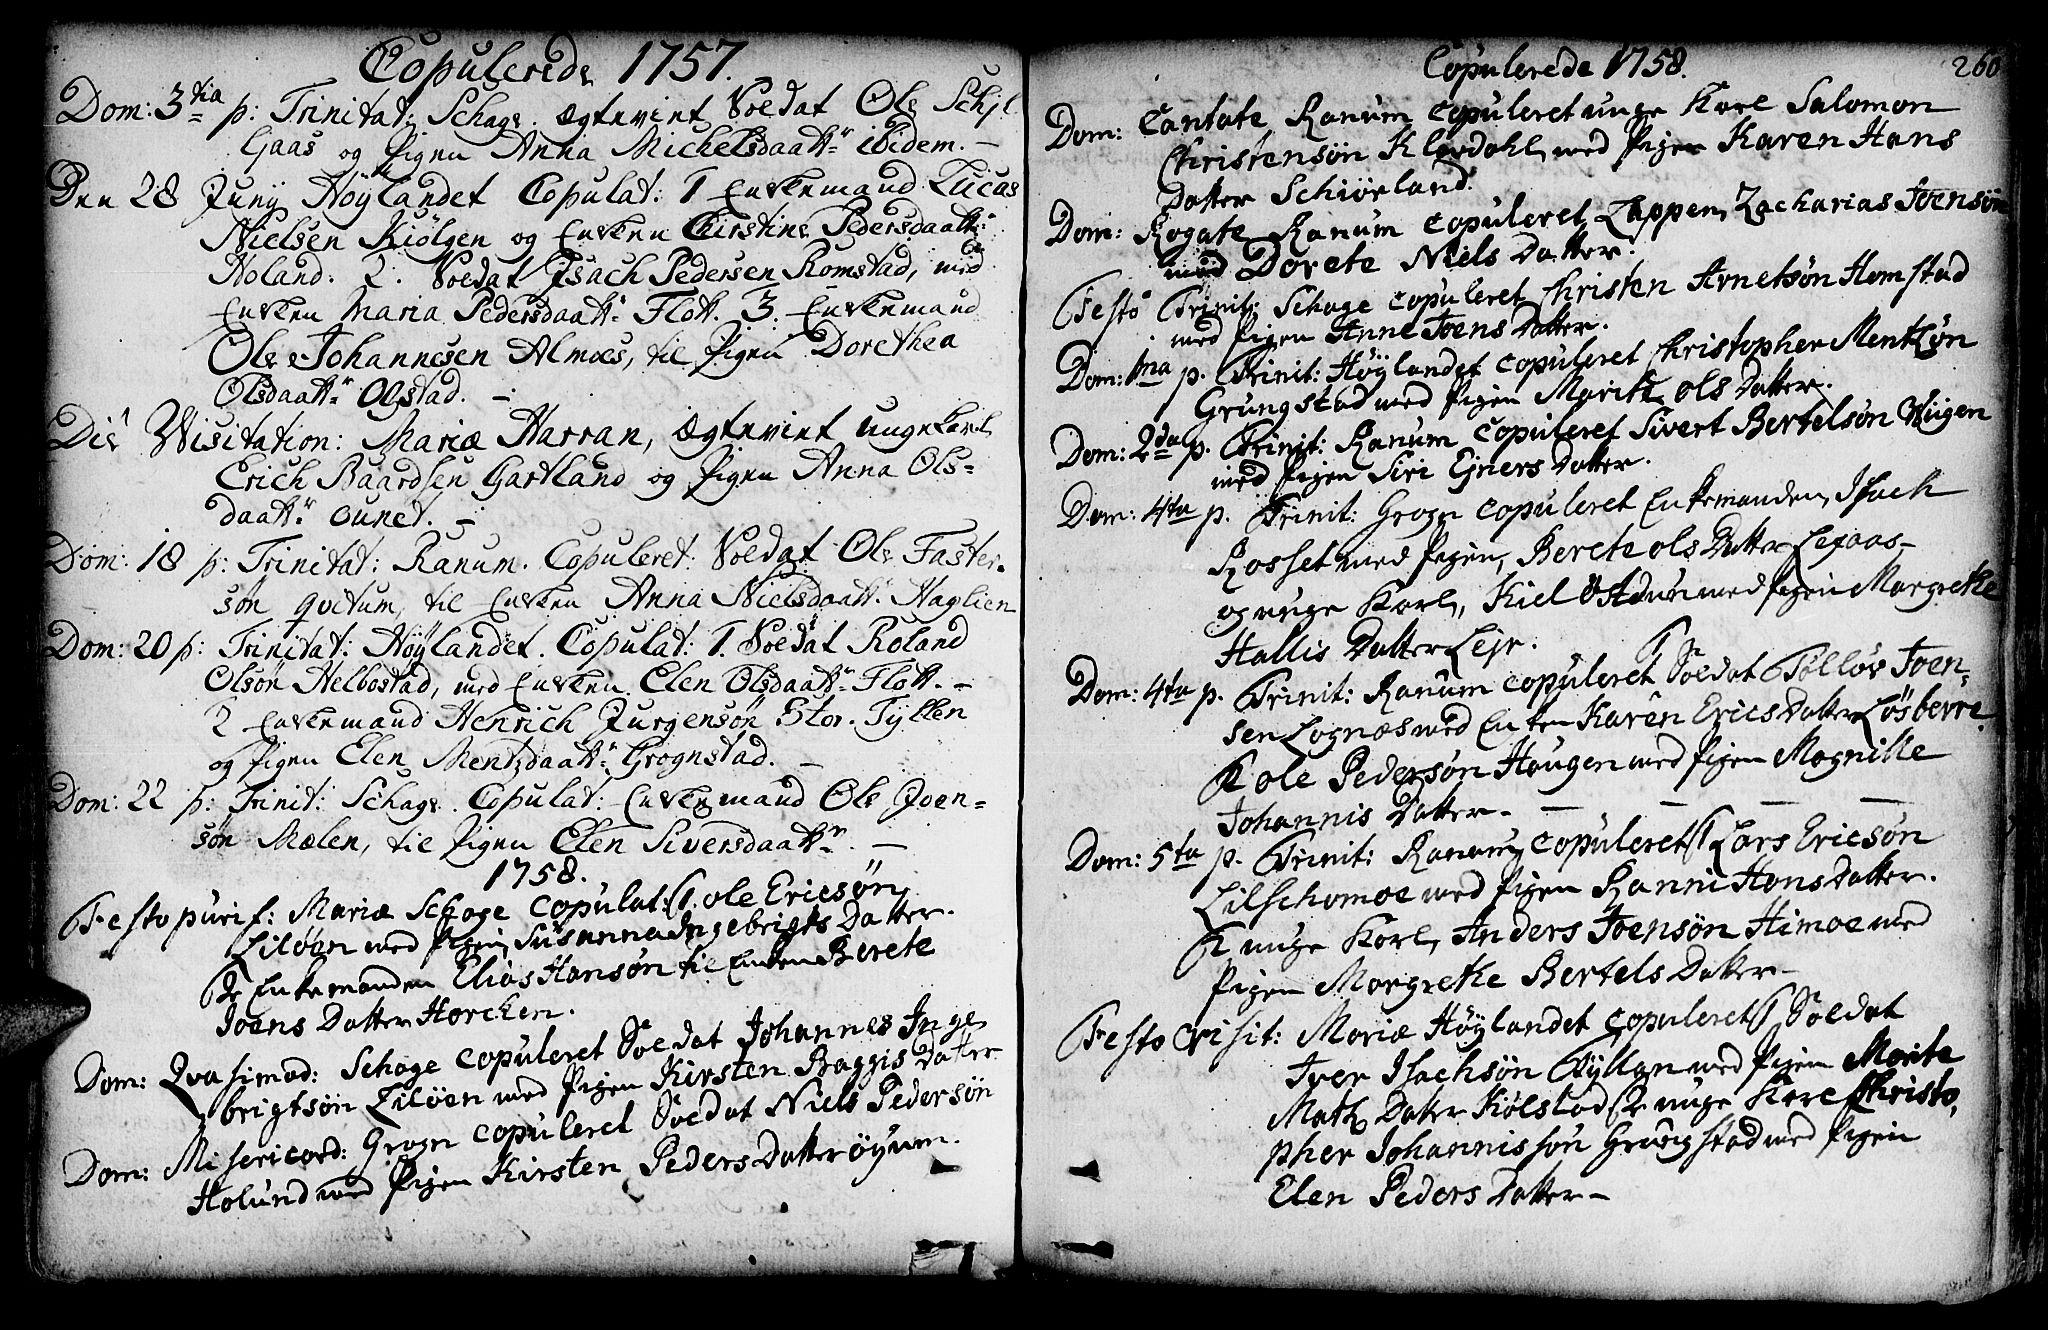 SAT, Ministerialprotokoller, klokkerbøker og fødselsregistre - Nord-Trøndelag, 764/L0542: Ministerialbok nr. 764A02, 1748-1779, s. 260